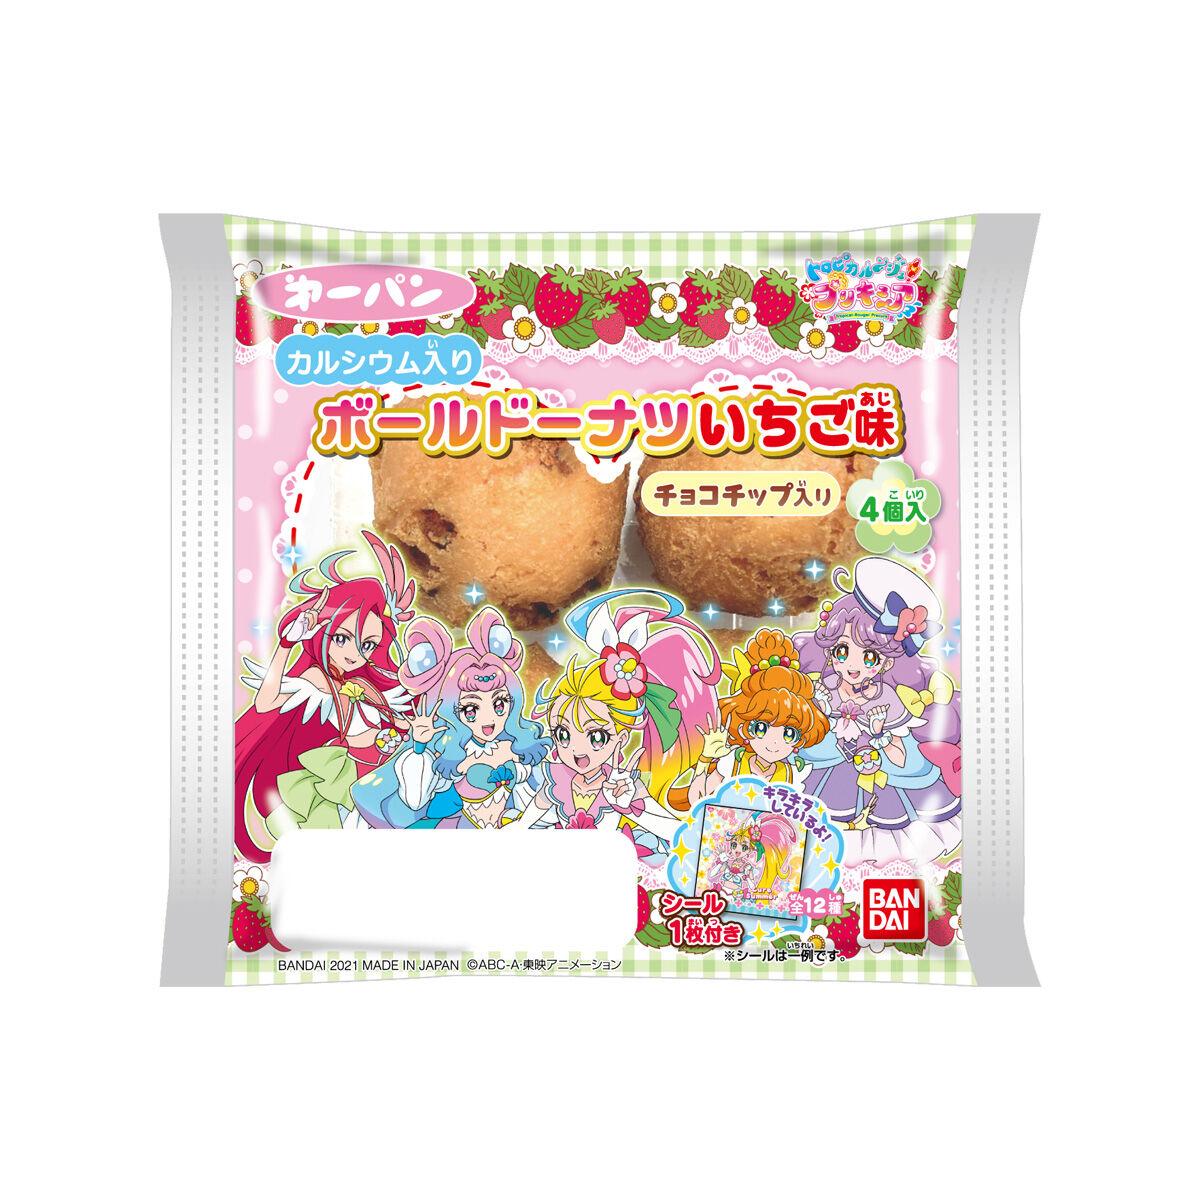 トロピカル~ジュ!プリキュア  ボールドーナツいちご味 チョコチップ入り4個入_0